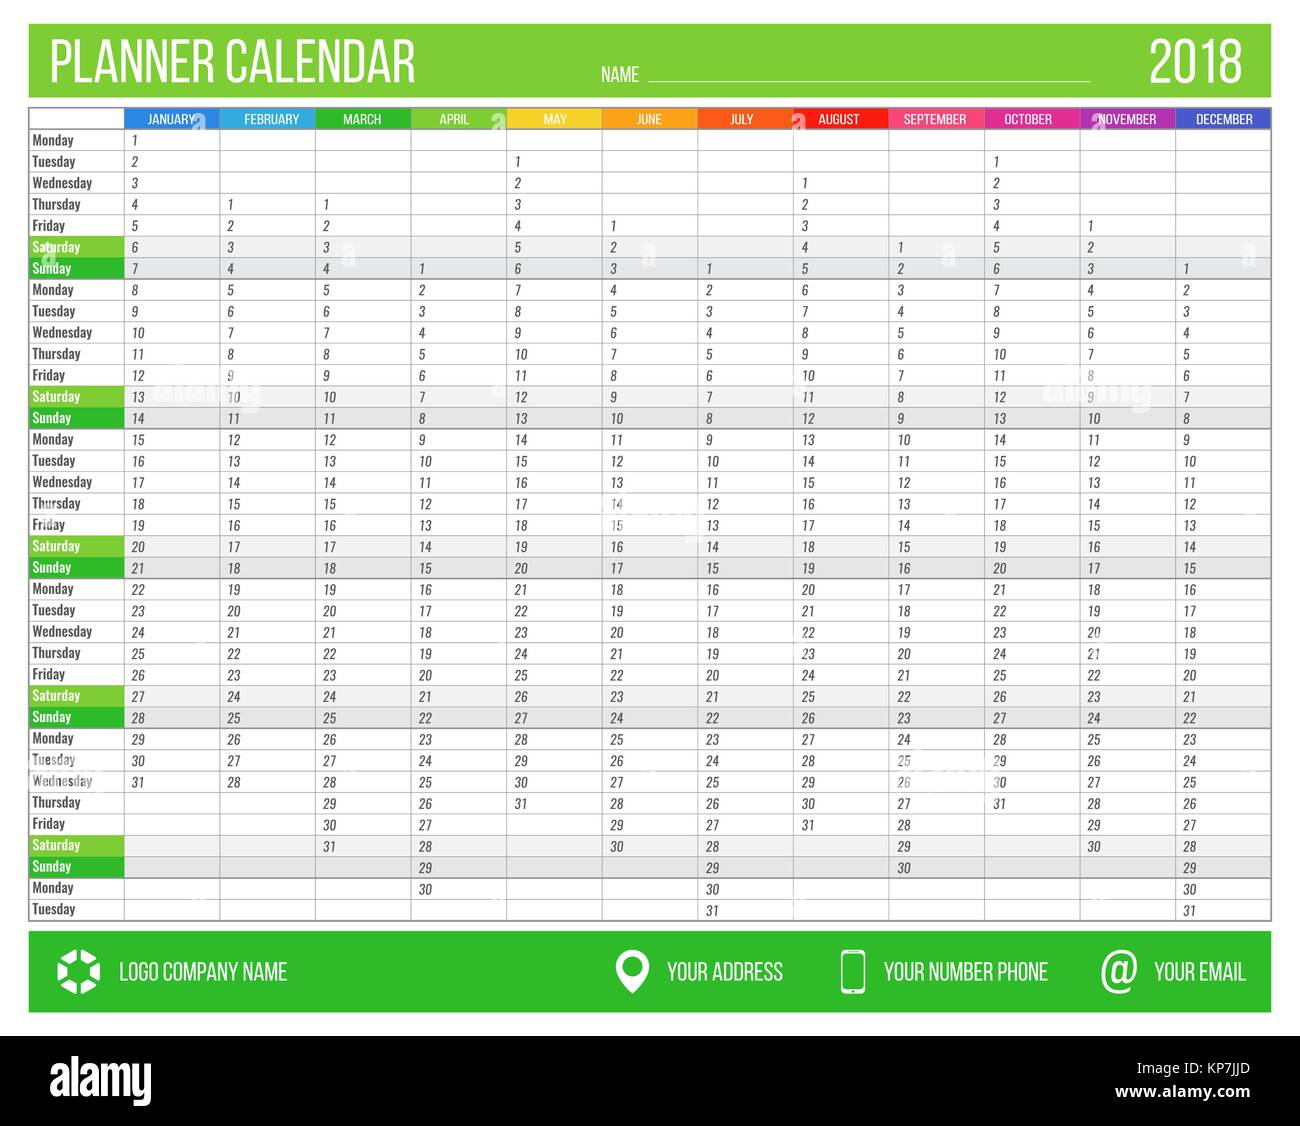 printable calendar stock photos printable calendar stock images